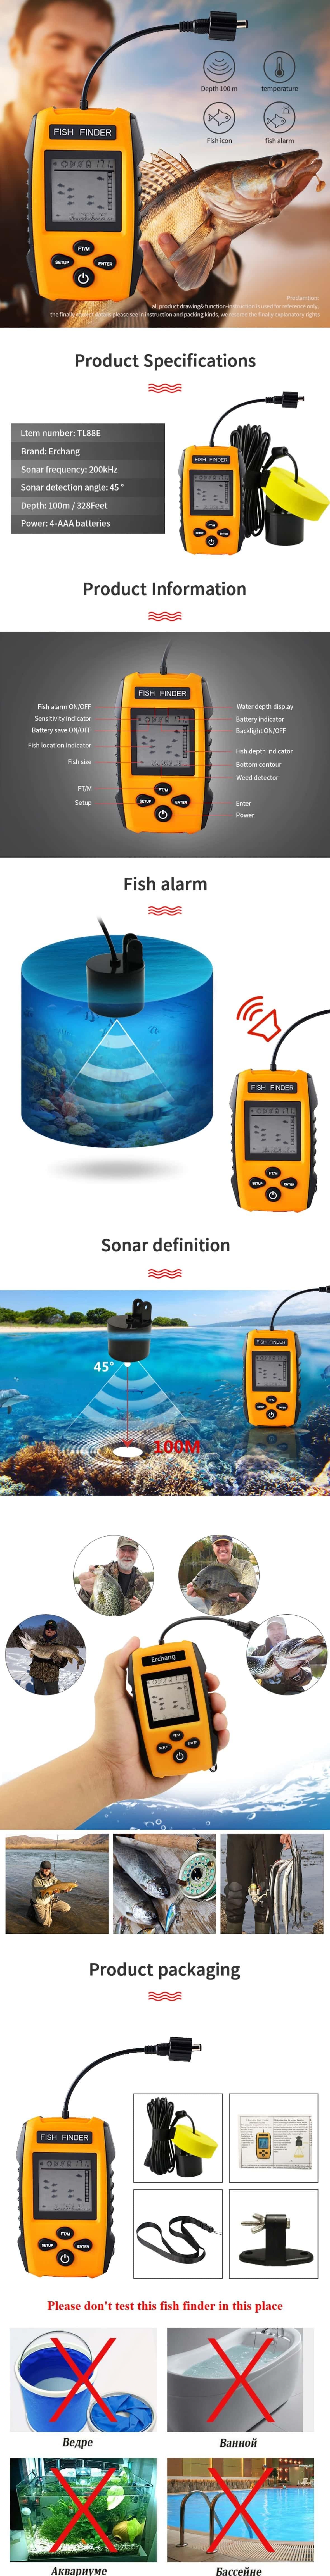 Prezentare-Fish-Finder-Portabil03022f16c41b5ffb.jpg